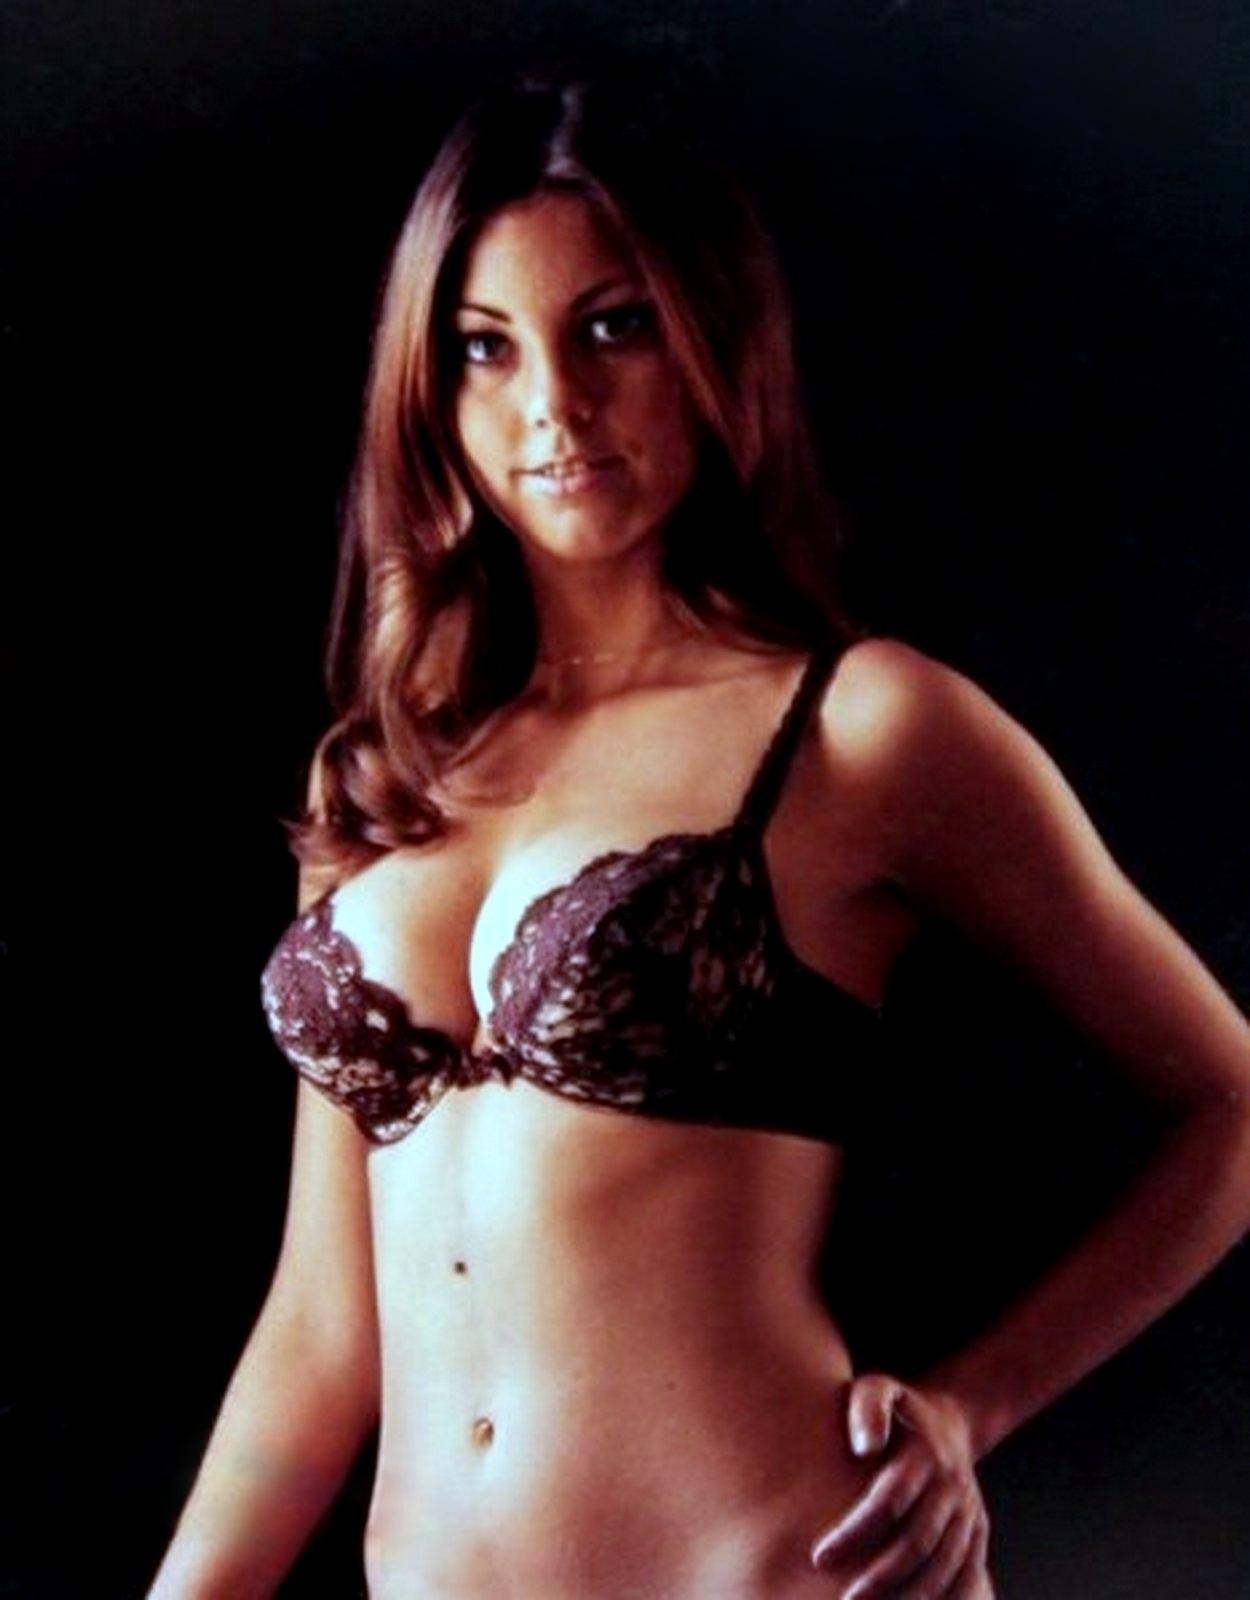 Rhonda sheer nude